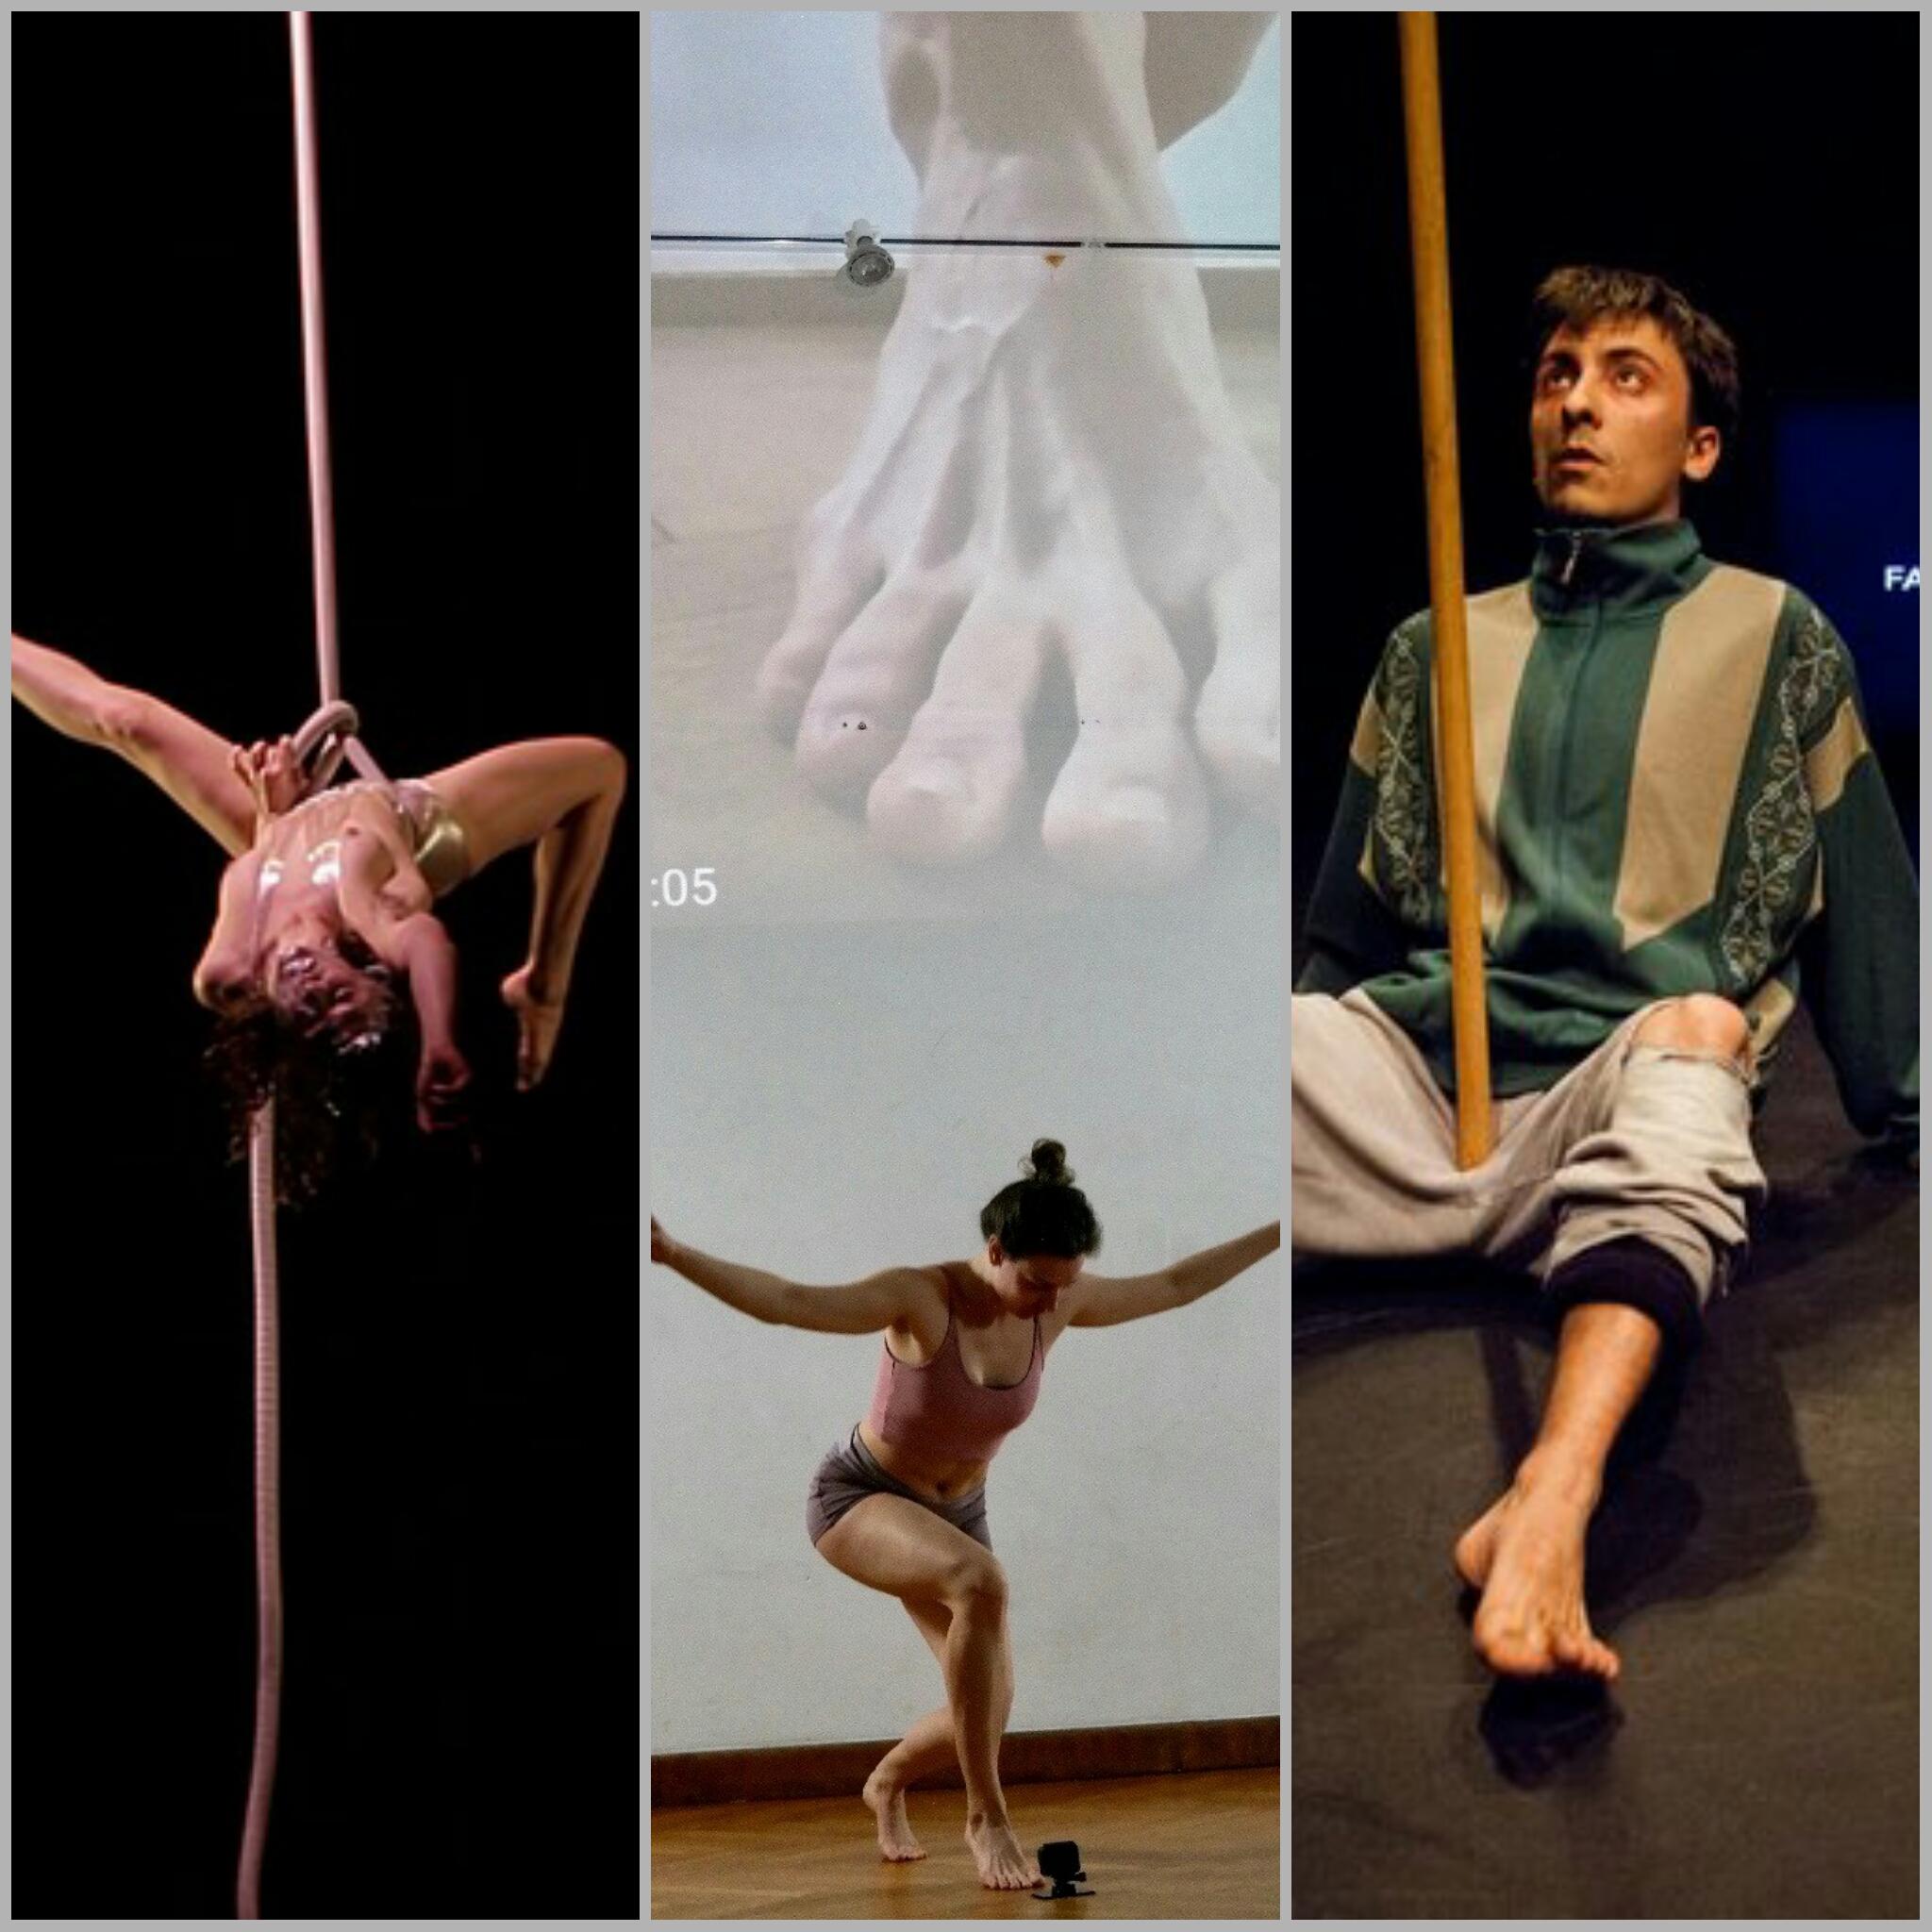 Počinju međunarodne rezidencije suvremenog cirkusa u Društvenom centru Rojc u Puli